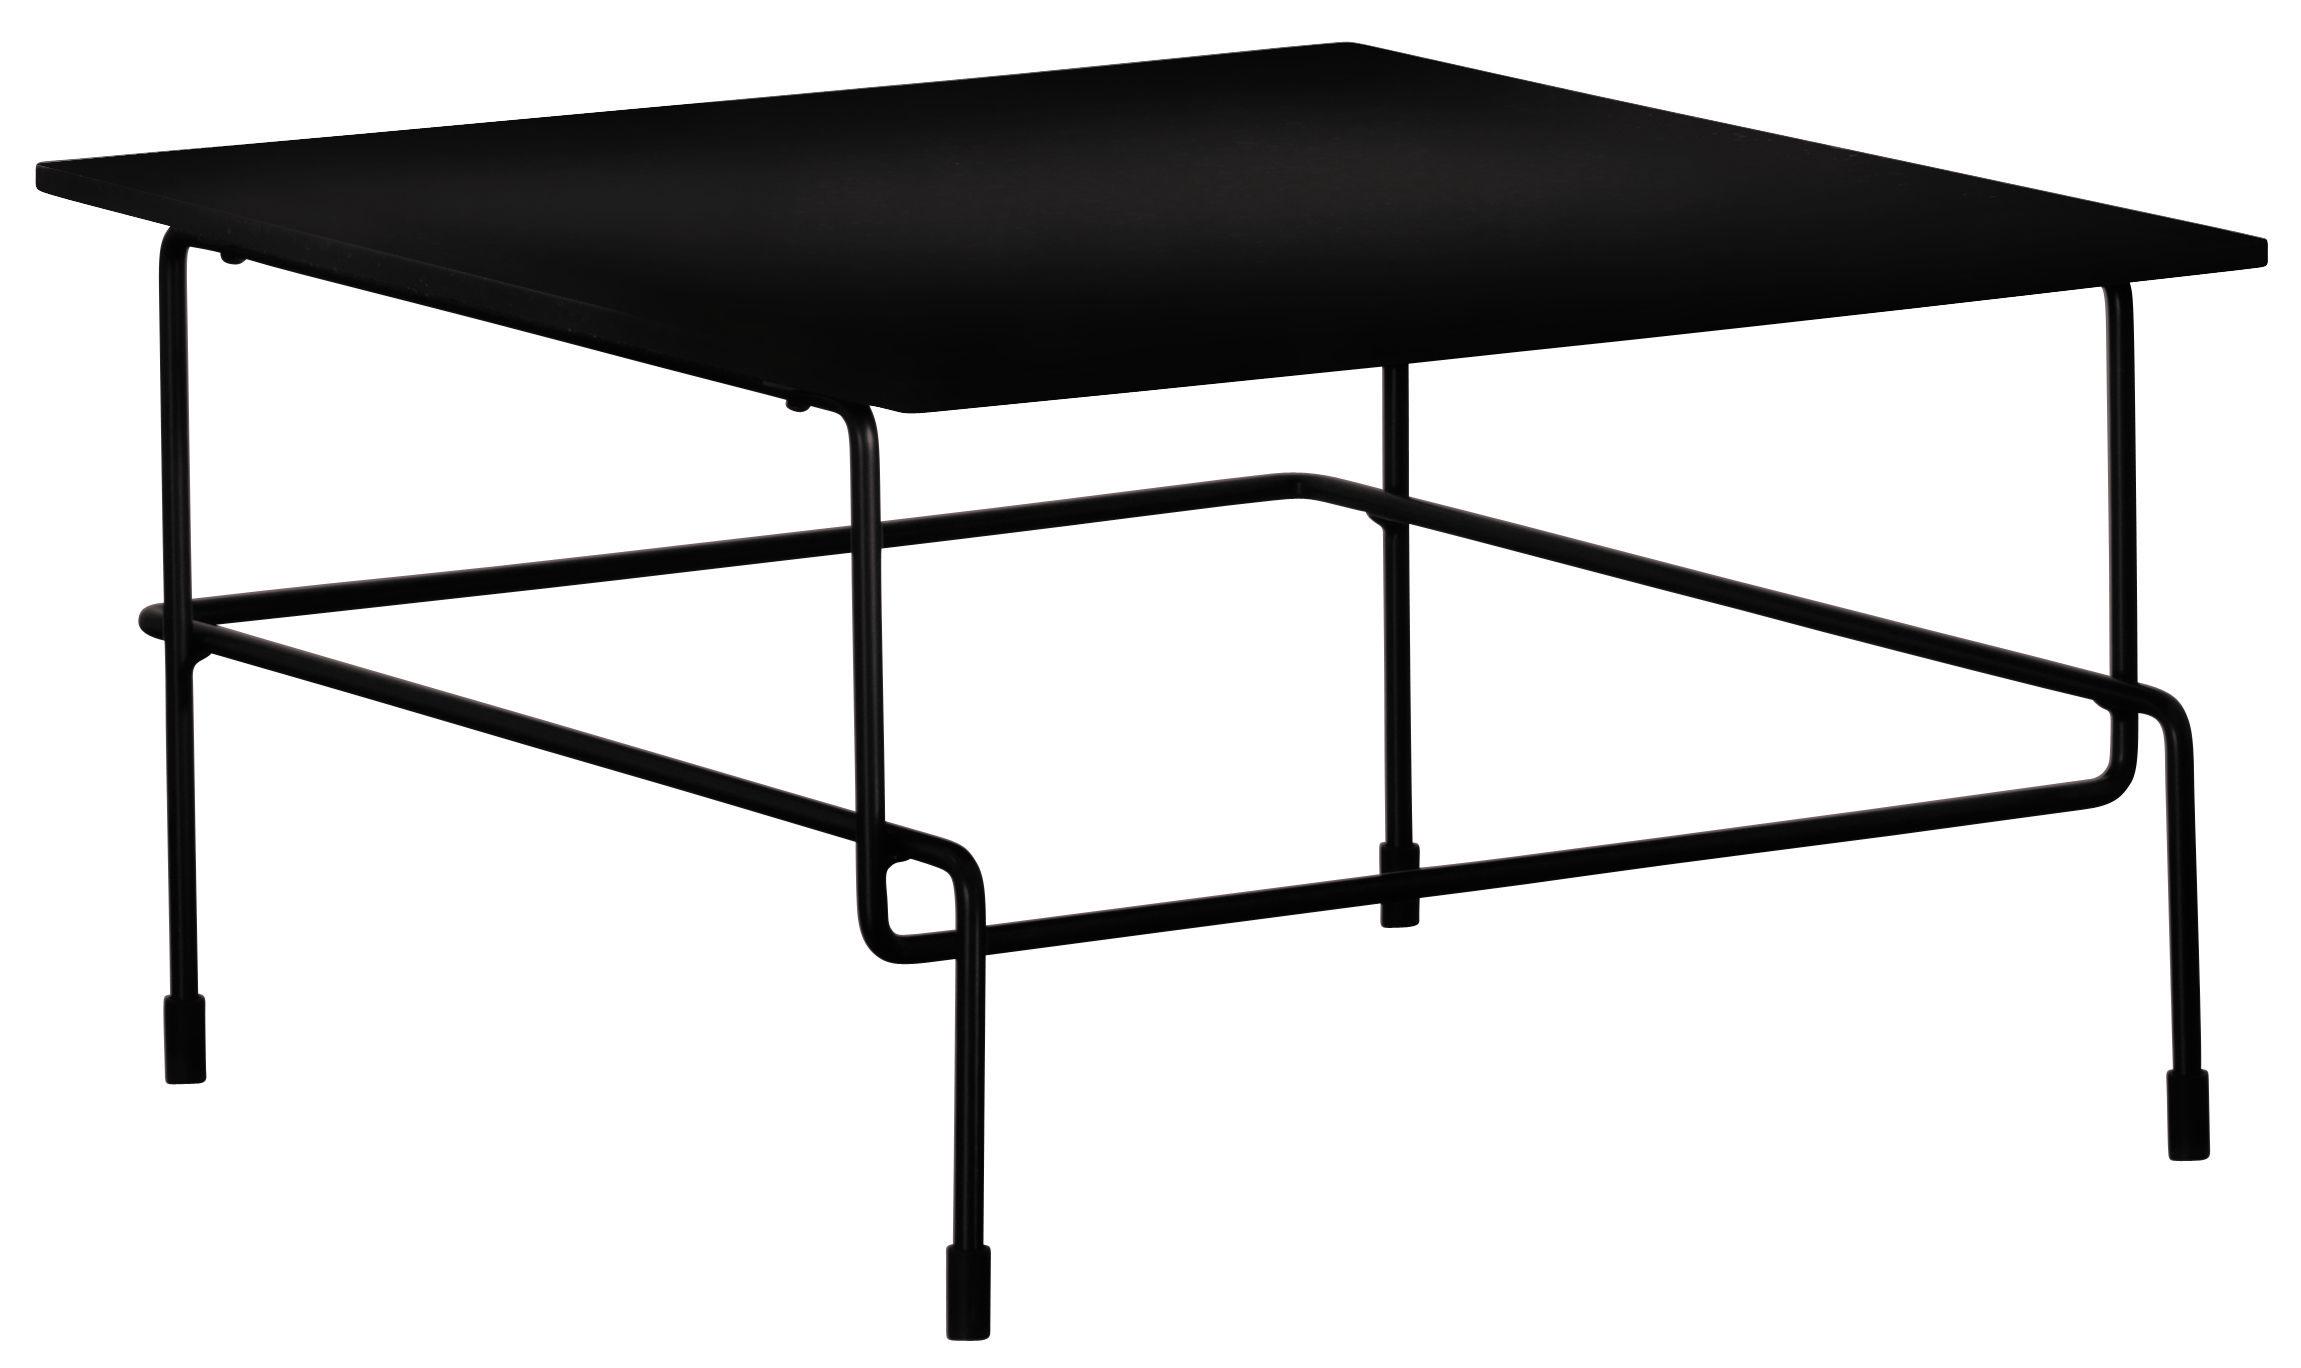 Table basse traffic 60 x 60 cm noir magis for Table basse design 60 cm